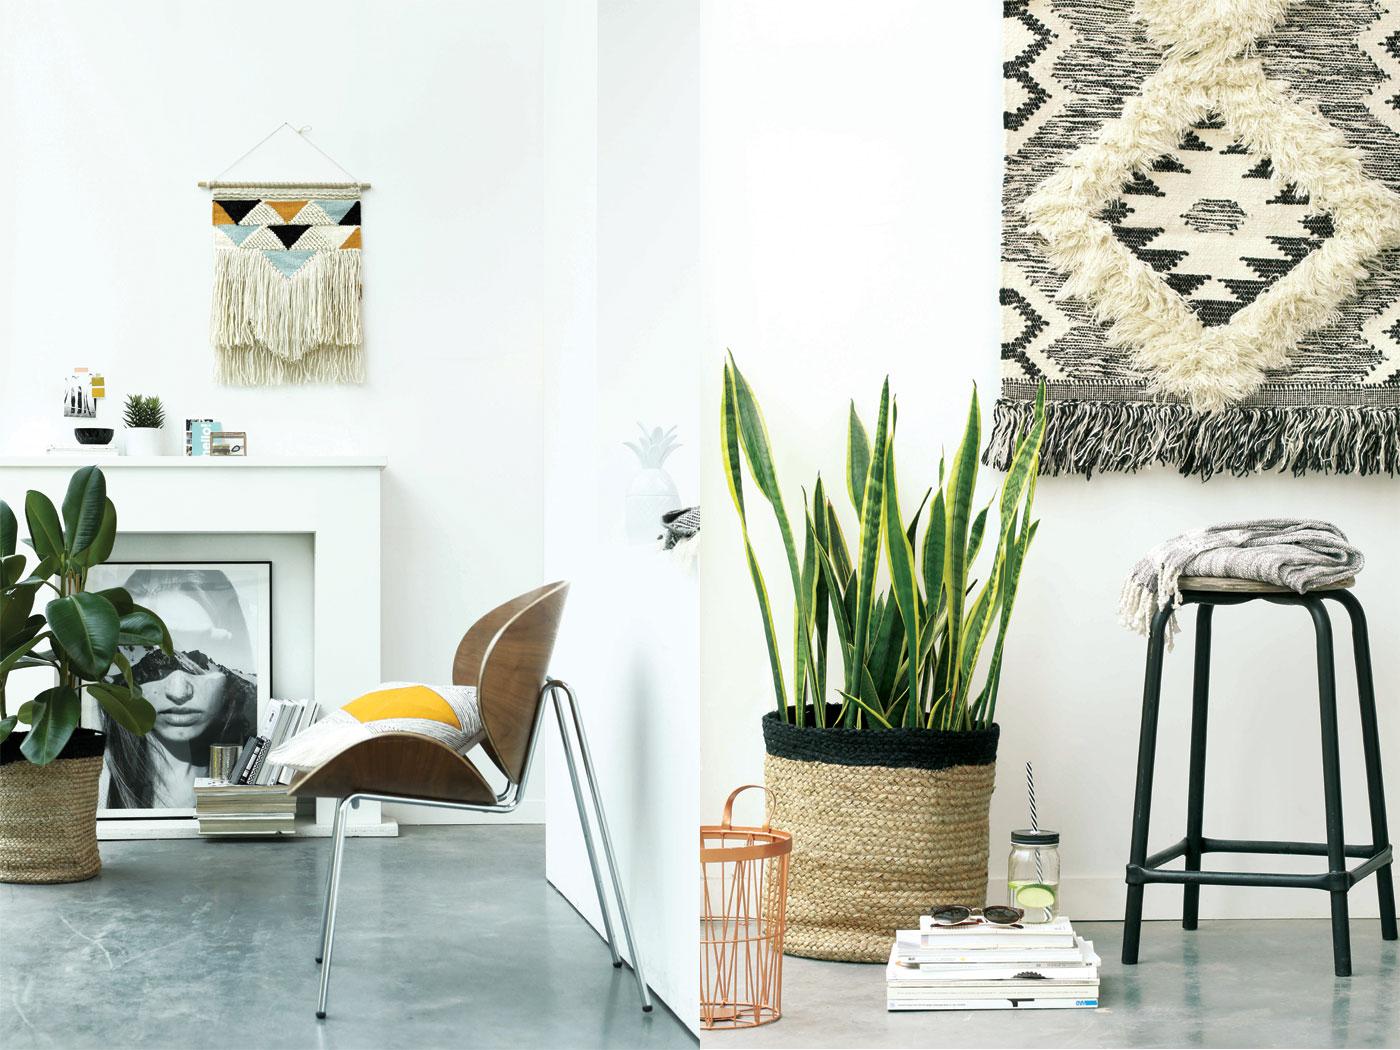 pimkie home une ligne d co boh me dkomag. Black Bedroom Furniture Sets. Home Design Ideas